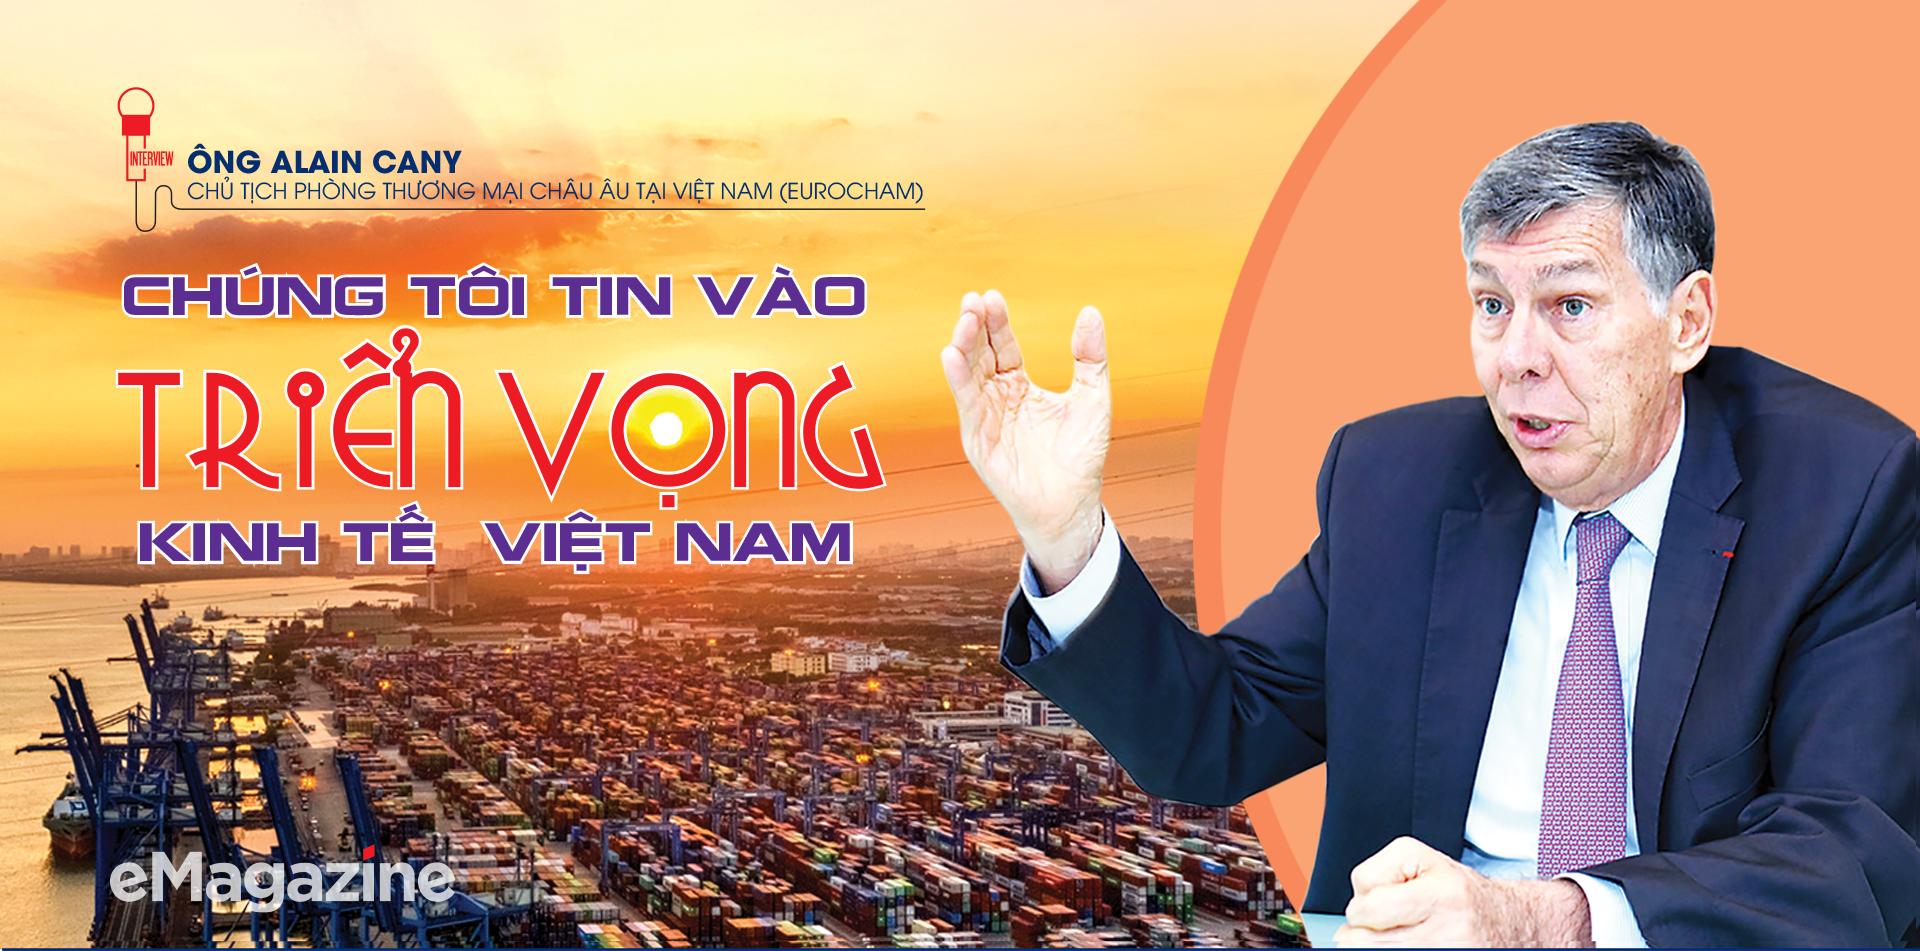 """""""Chúng tôi tin vào triển vọng kinh tếViệt Nam"""" - Ảnh 1"""